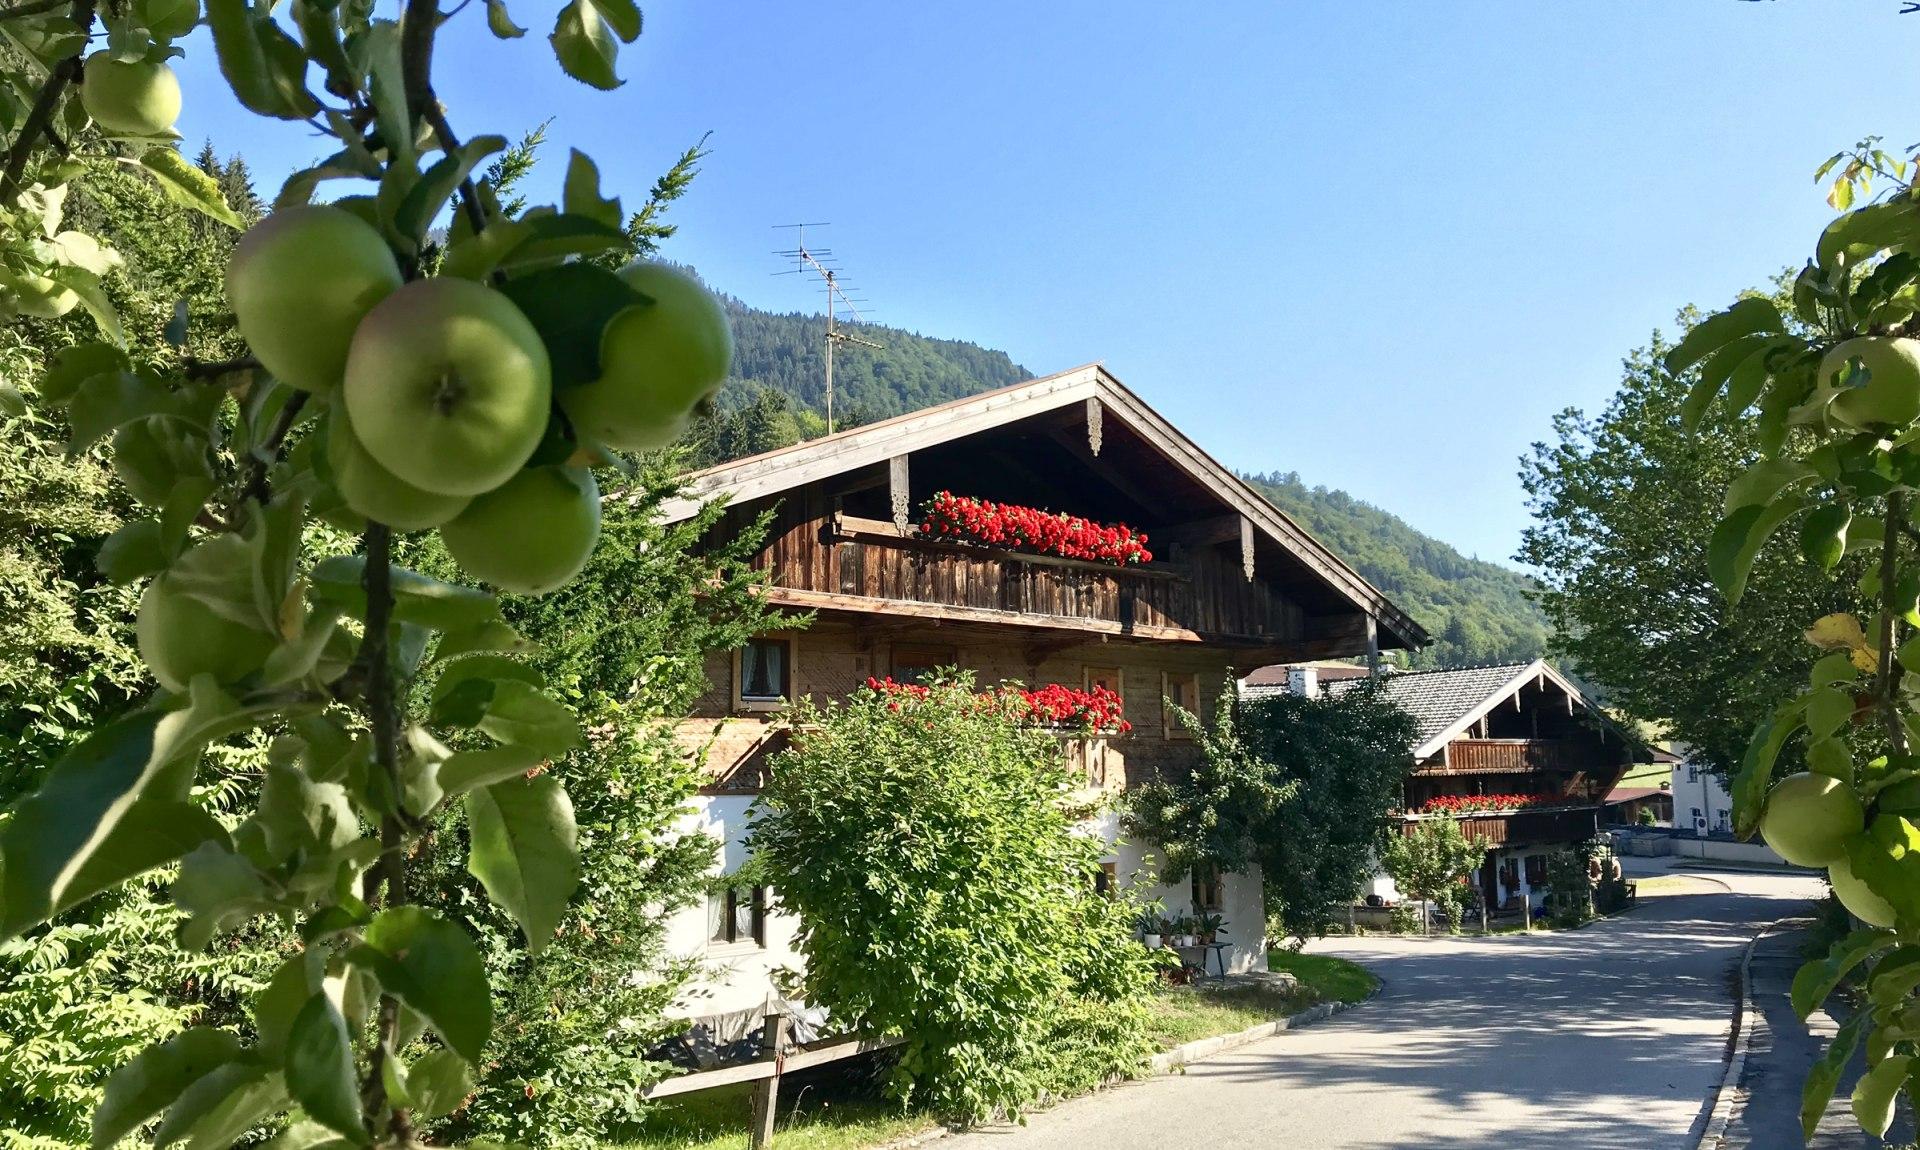 WaldApotheke Themenweg Sachrang - Weg vorbei an den alten Bauernhöfen im Ort, © Tourist Info Aschau im Chiemgau